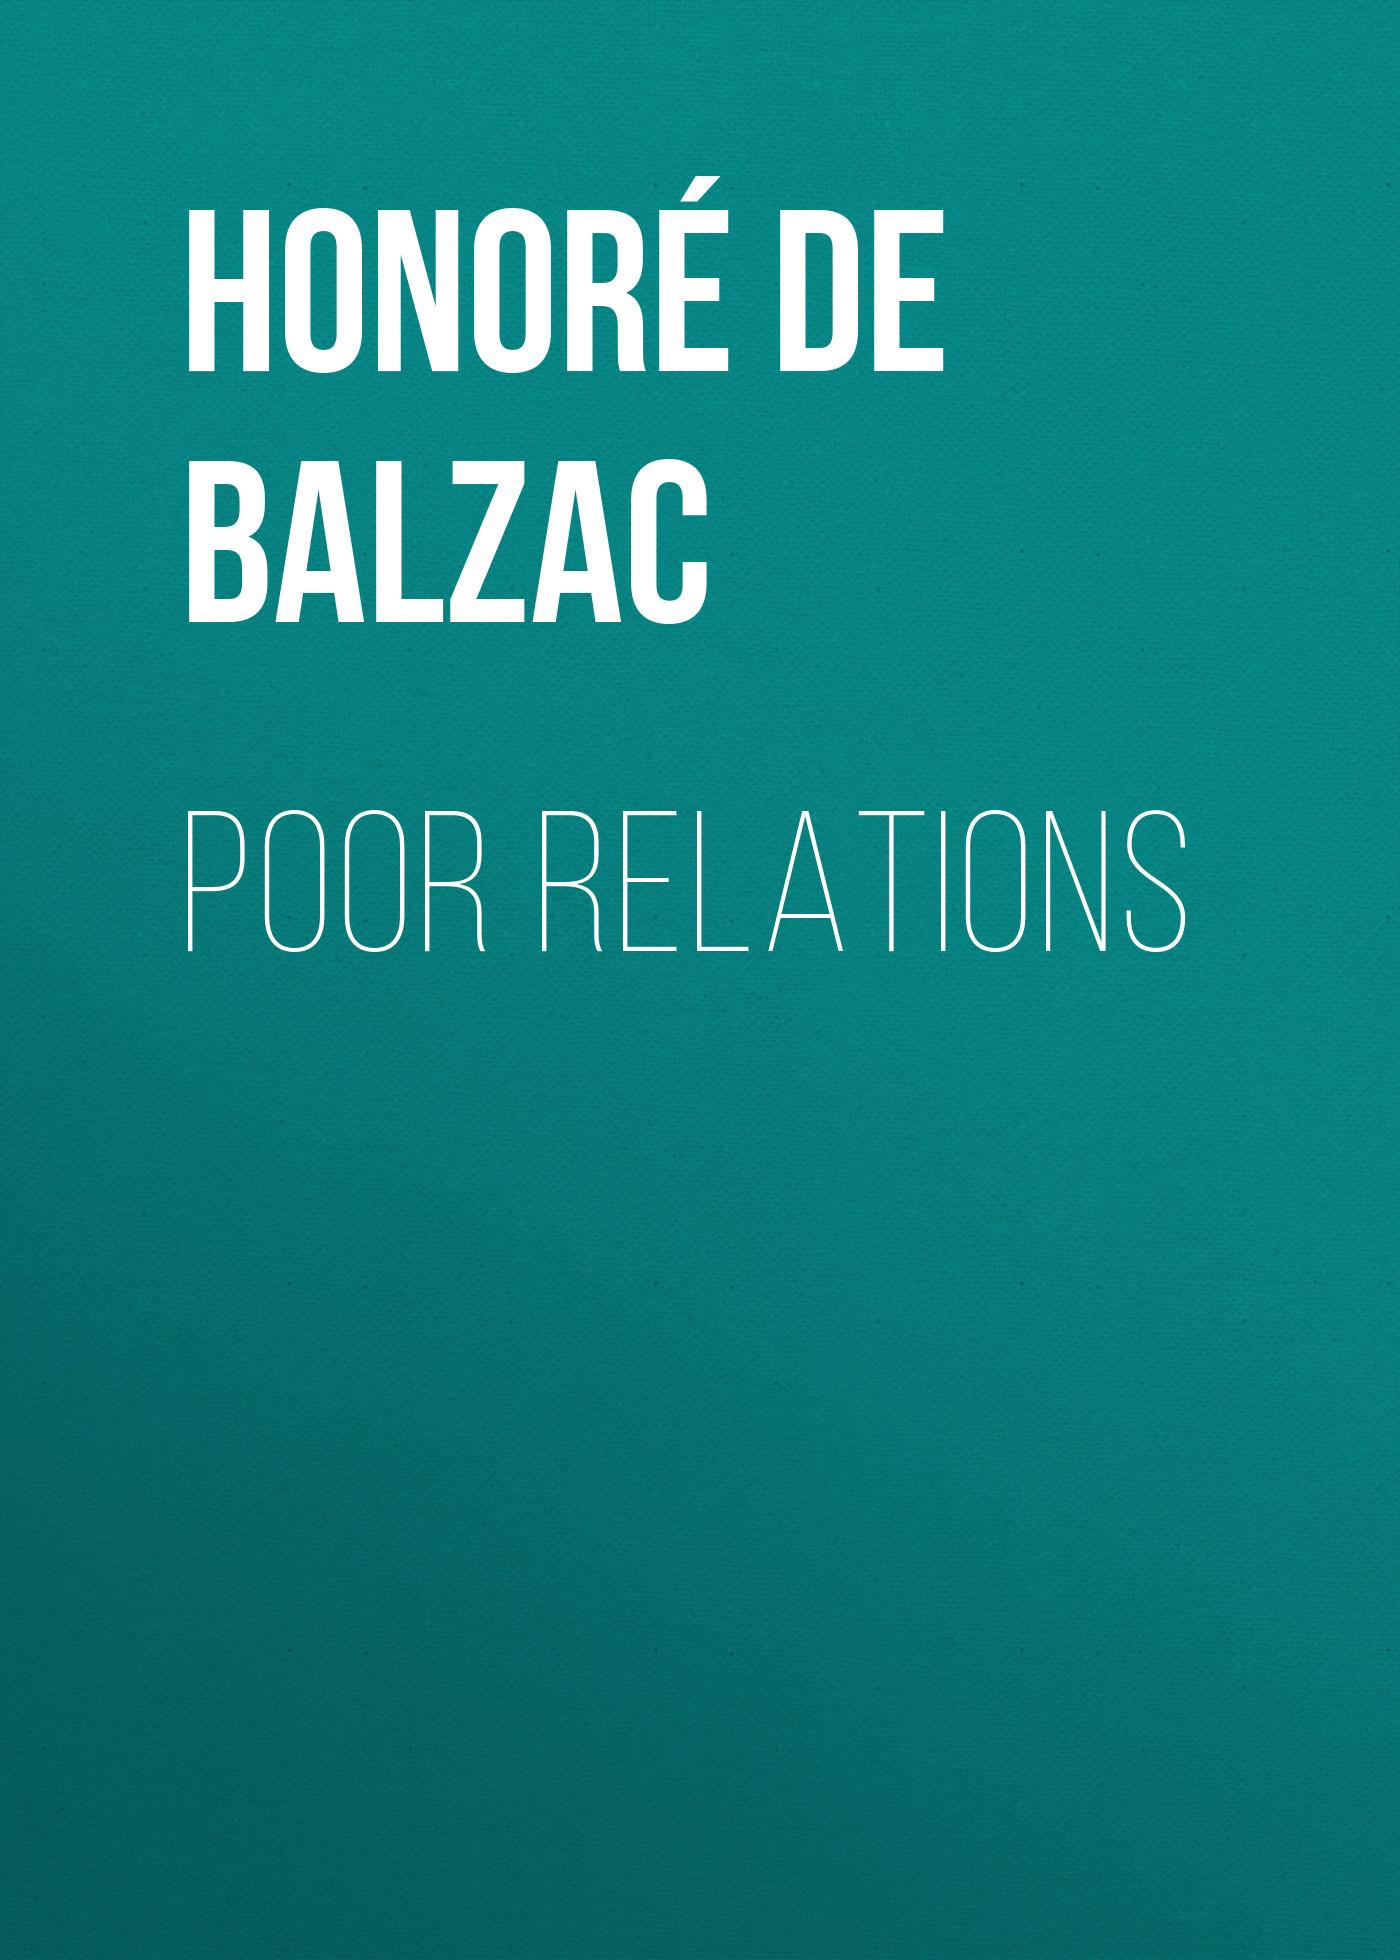 Оноре де Бальзак Poor Relations